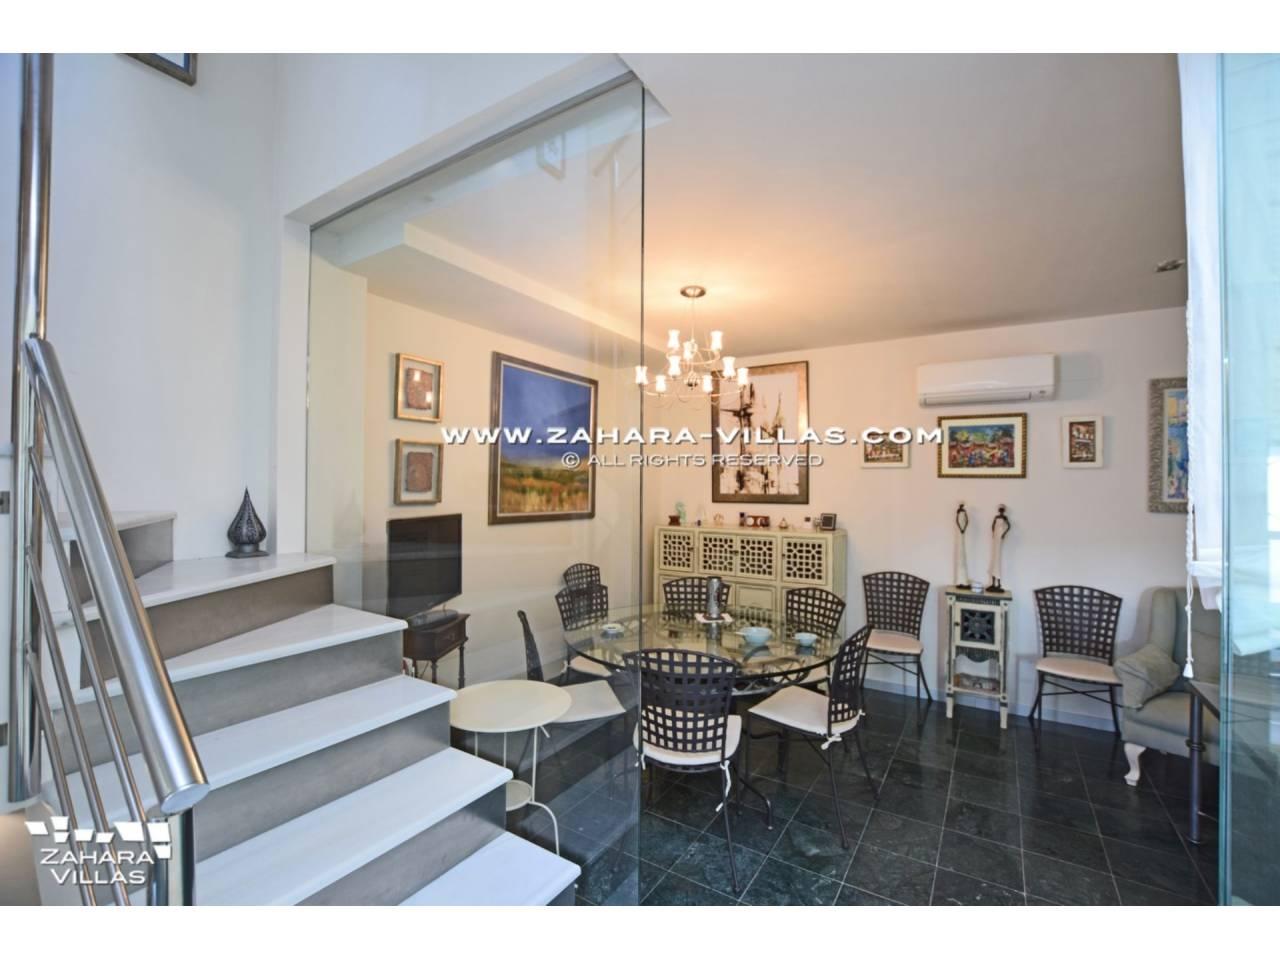 Imagen 25 de House for sale in Zahara de los Atunes